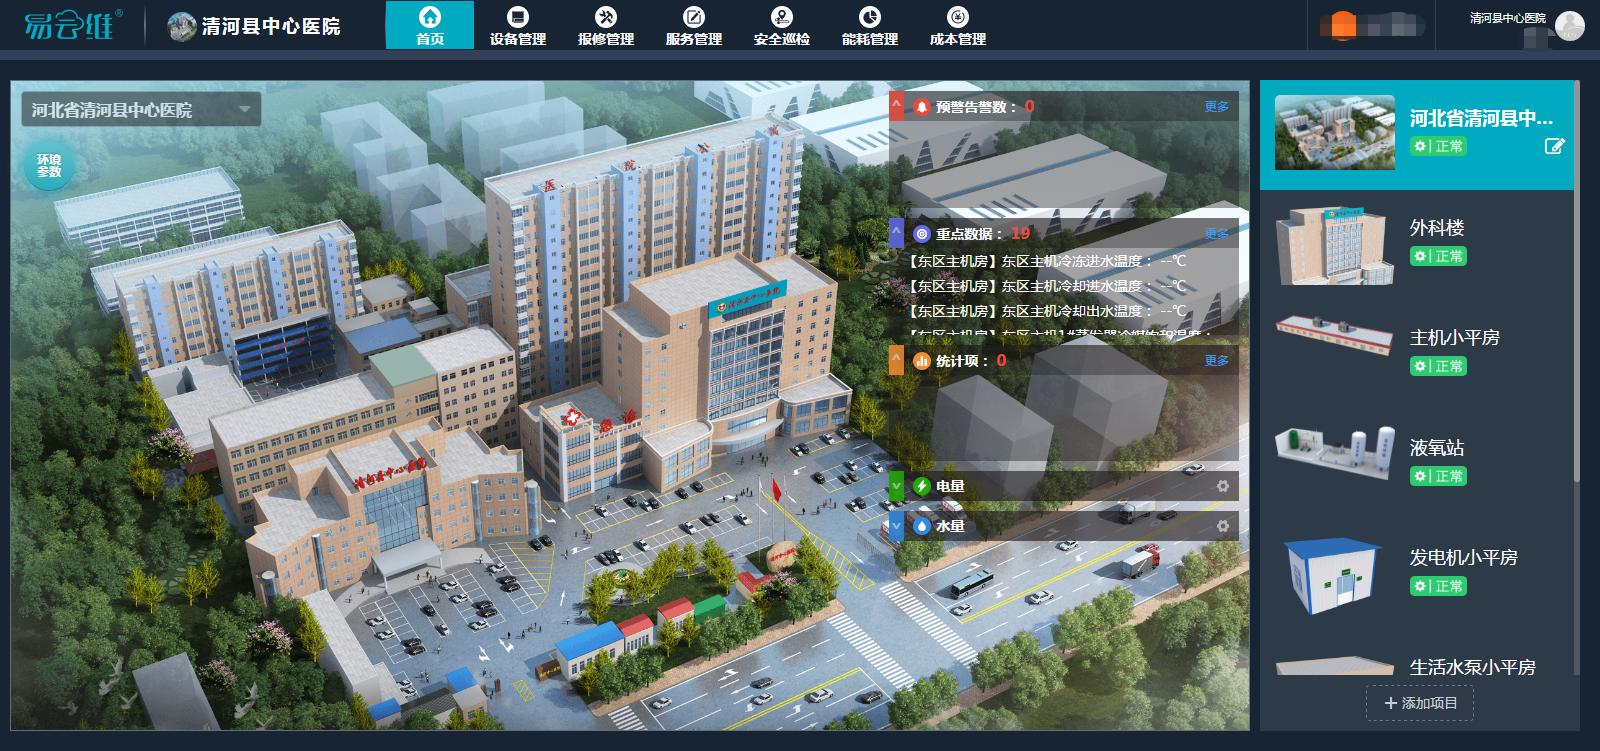 医院后勤智能管理云平台成为清河县中心医院智慧建设的重要篇章